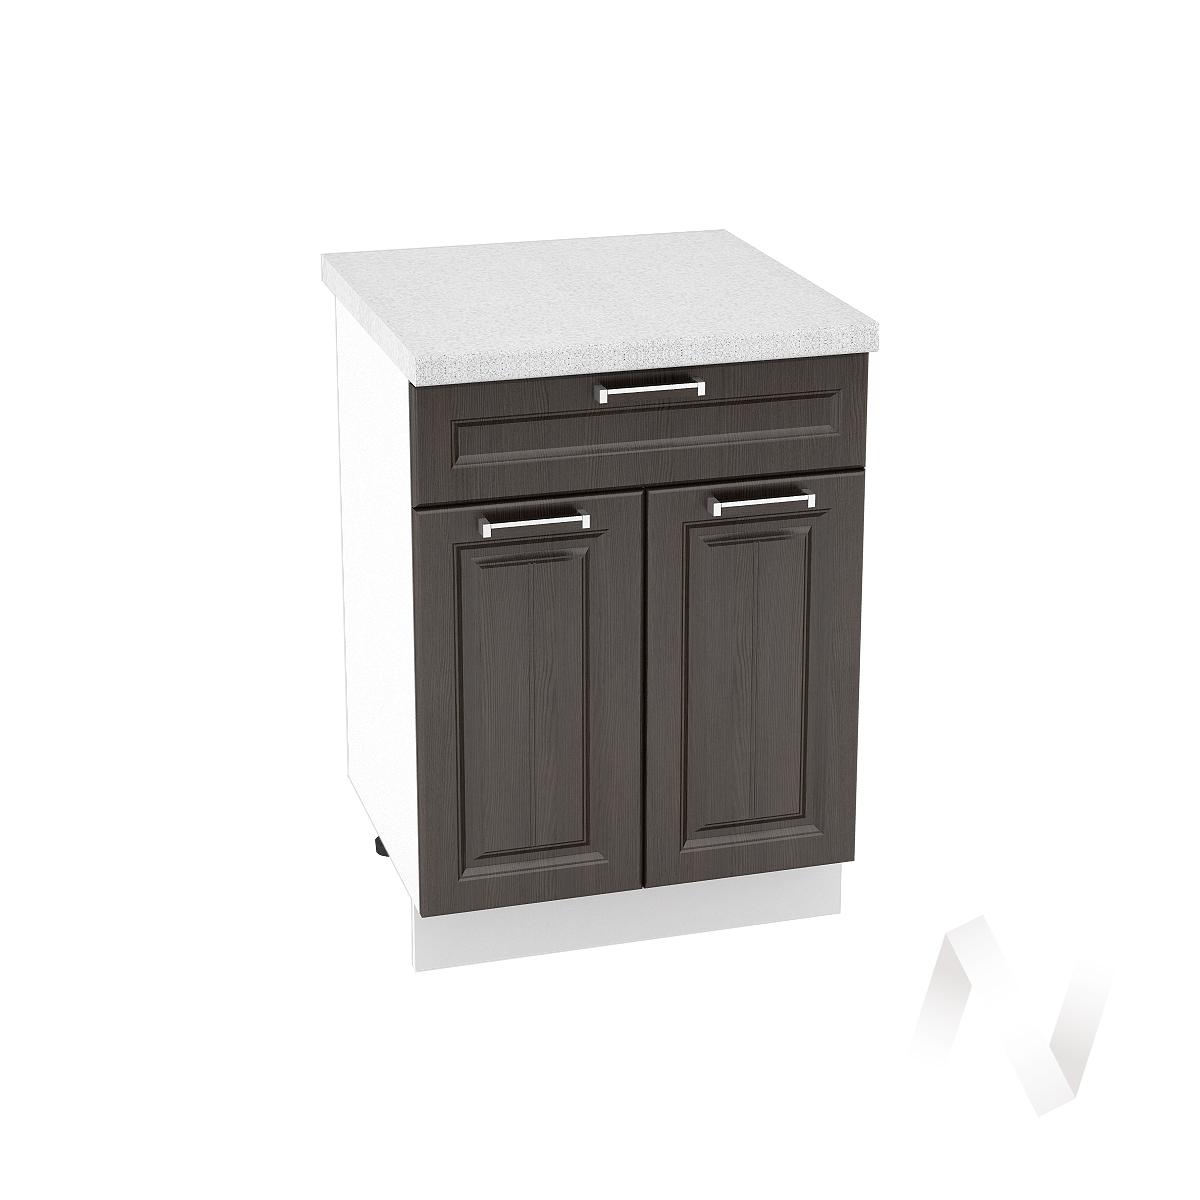 """Кухня """"Прага"""": Шкаф нижний с ящиком 600, ШН1Я 600 М (венге/корпус белый)"""